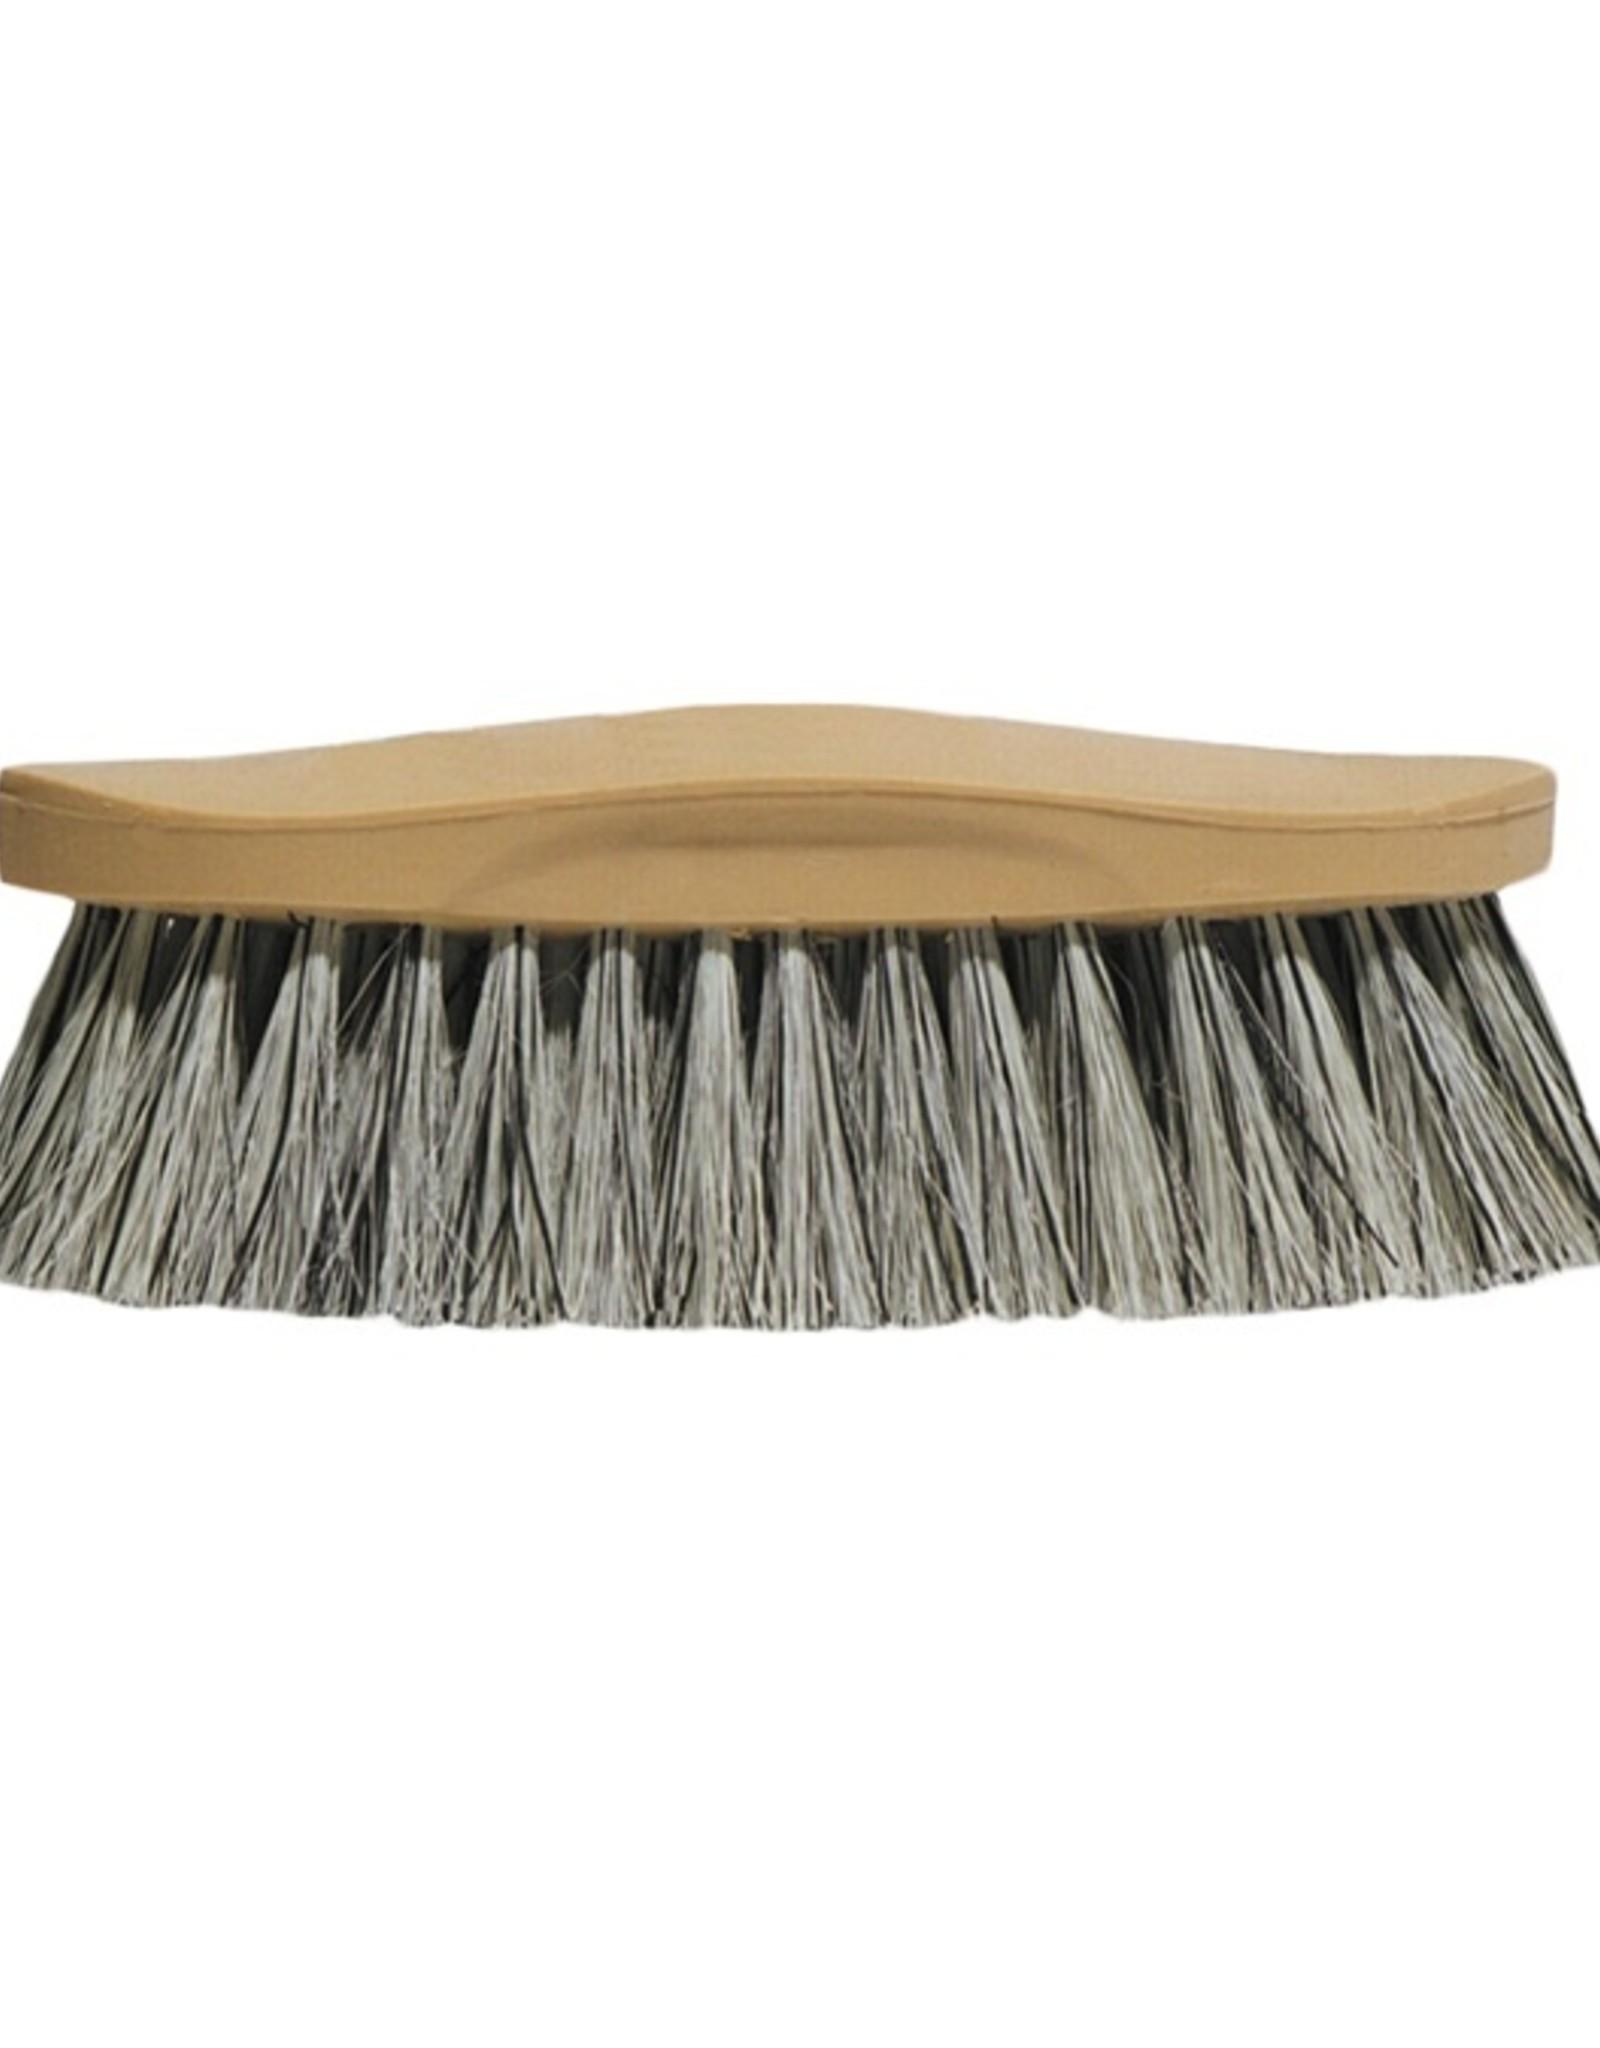 Decker Decker #60 Showman Grooming Brush